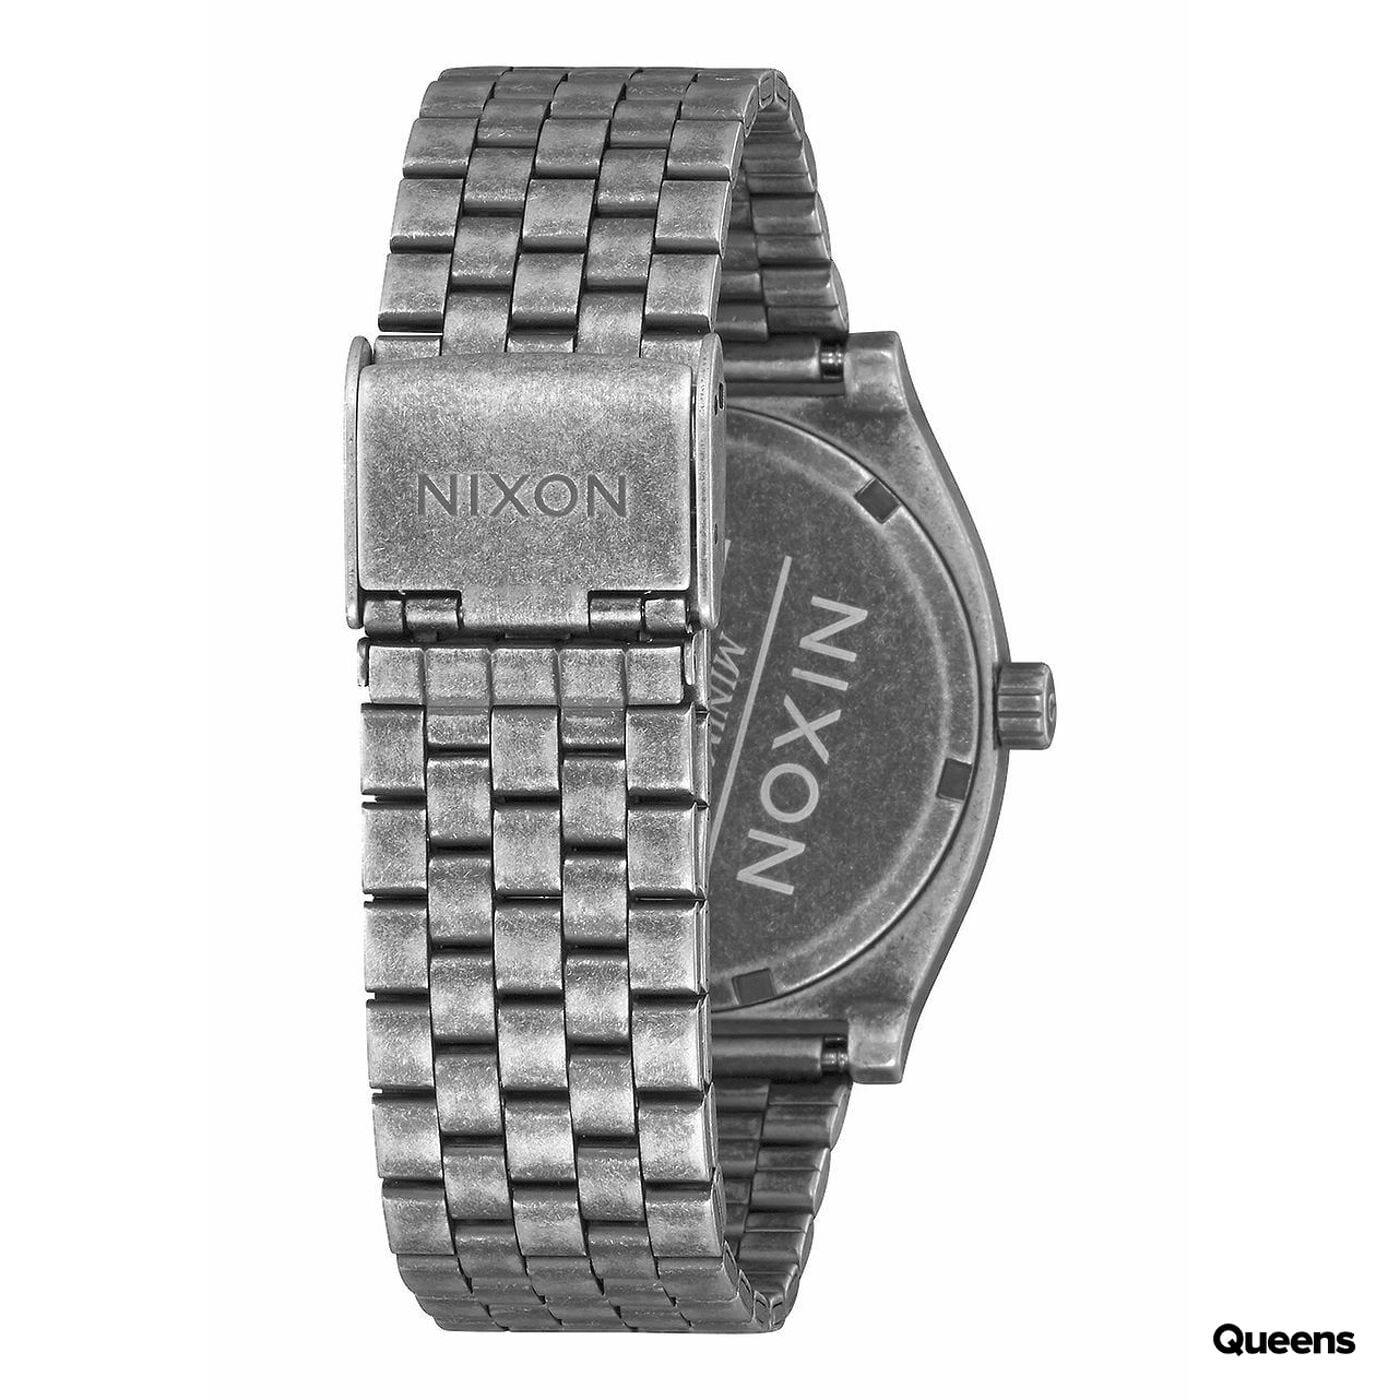 Nixon Time Teller silber / weiß